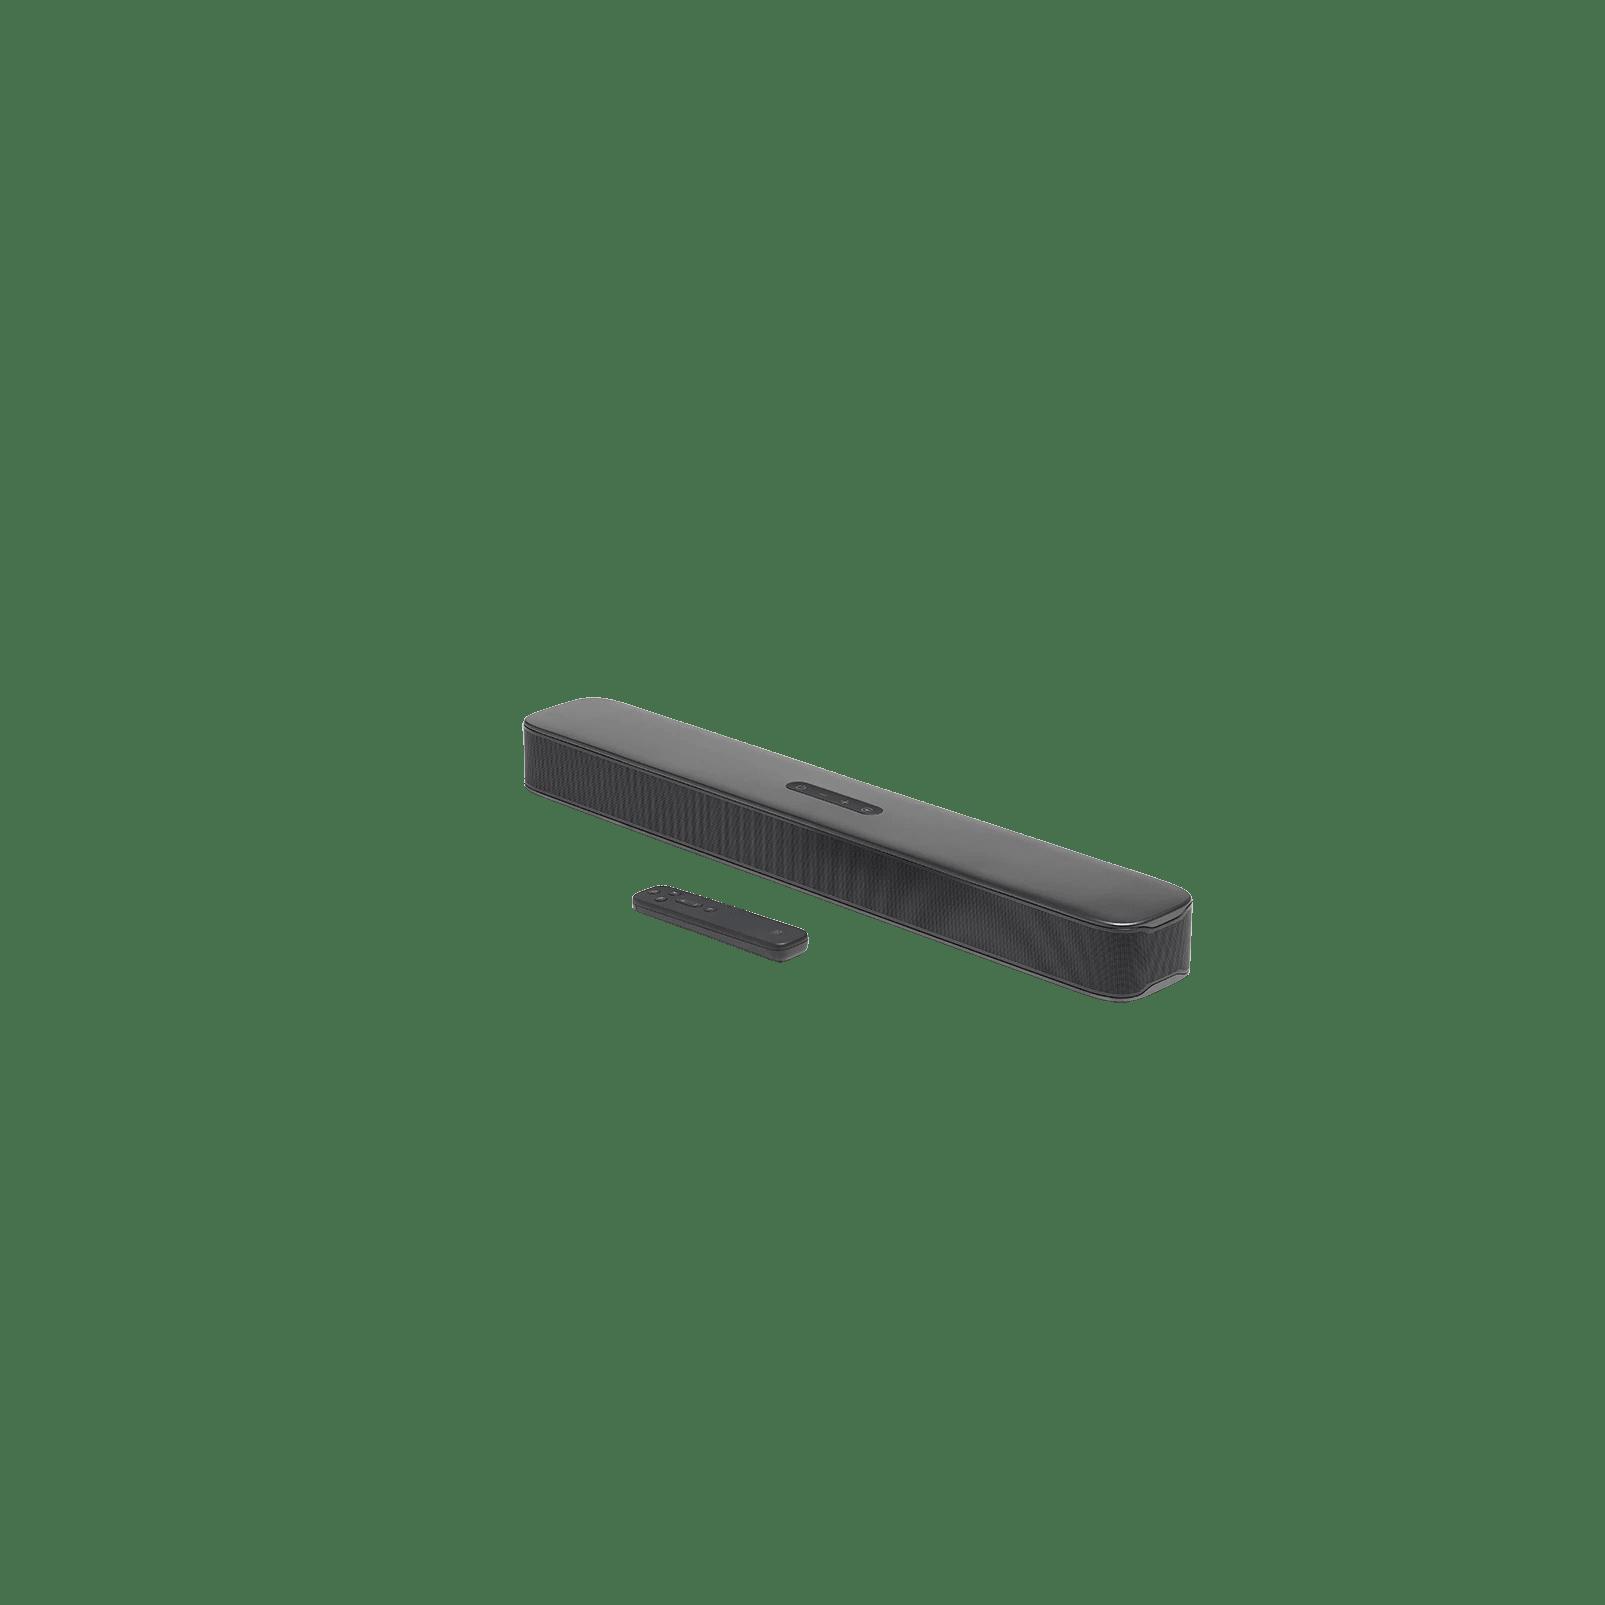 Soundbar JBL Bar 2.0 All-in-One - JBLBAR20AIOBLKBR